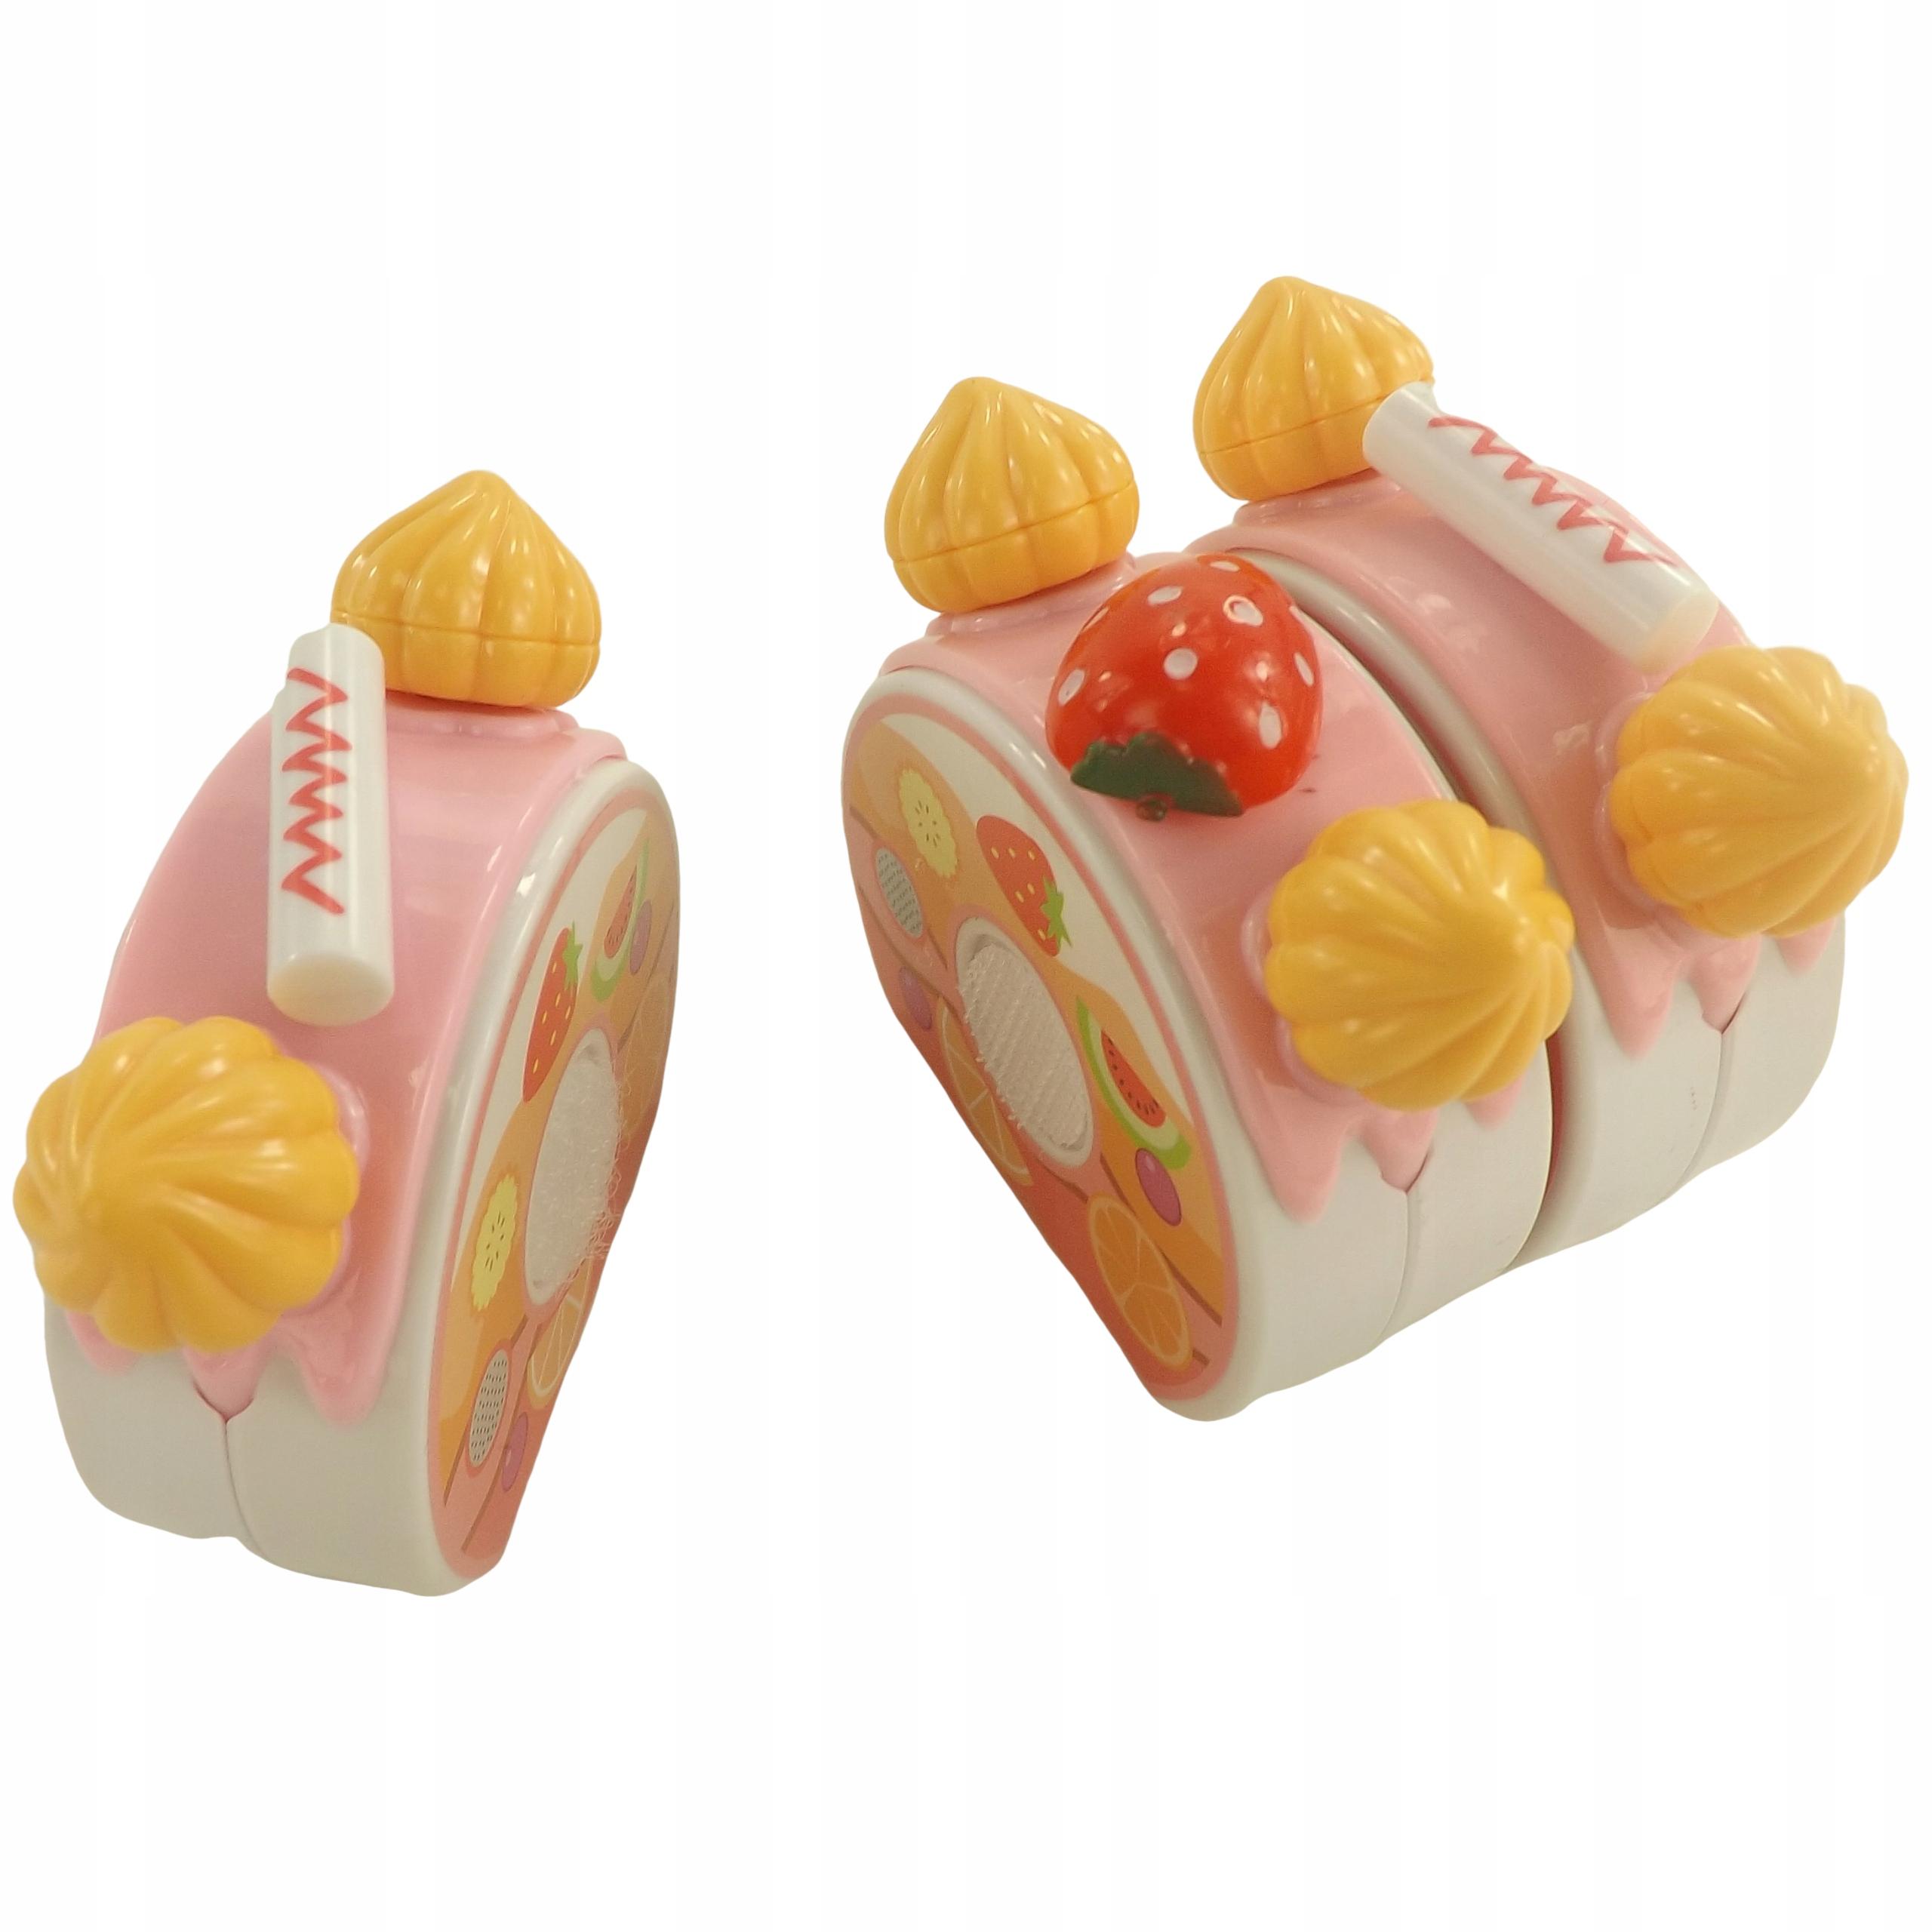 TORT URODZINOWY DO KROJENIA NA RZEPY 75 EL 889-19R Głębokość produktu 15 cm